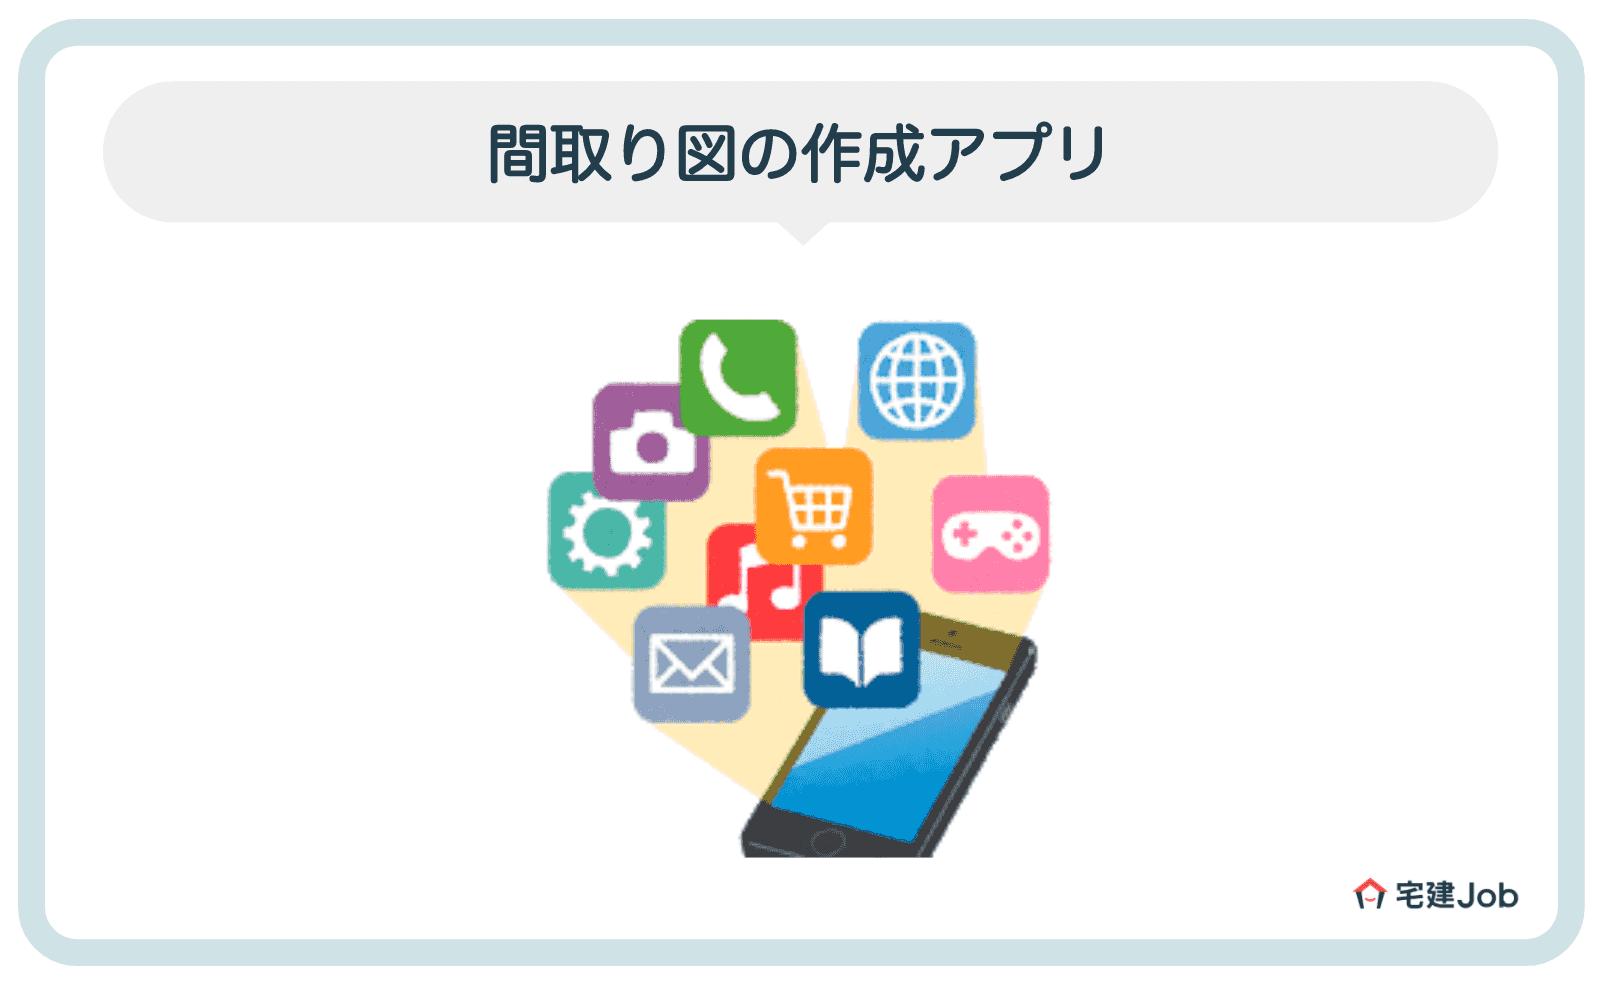 3.おすすめの間取り図作成ツール【アプリ】